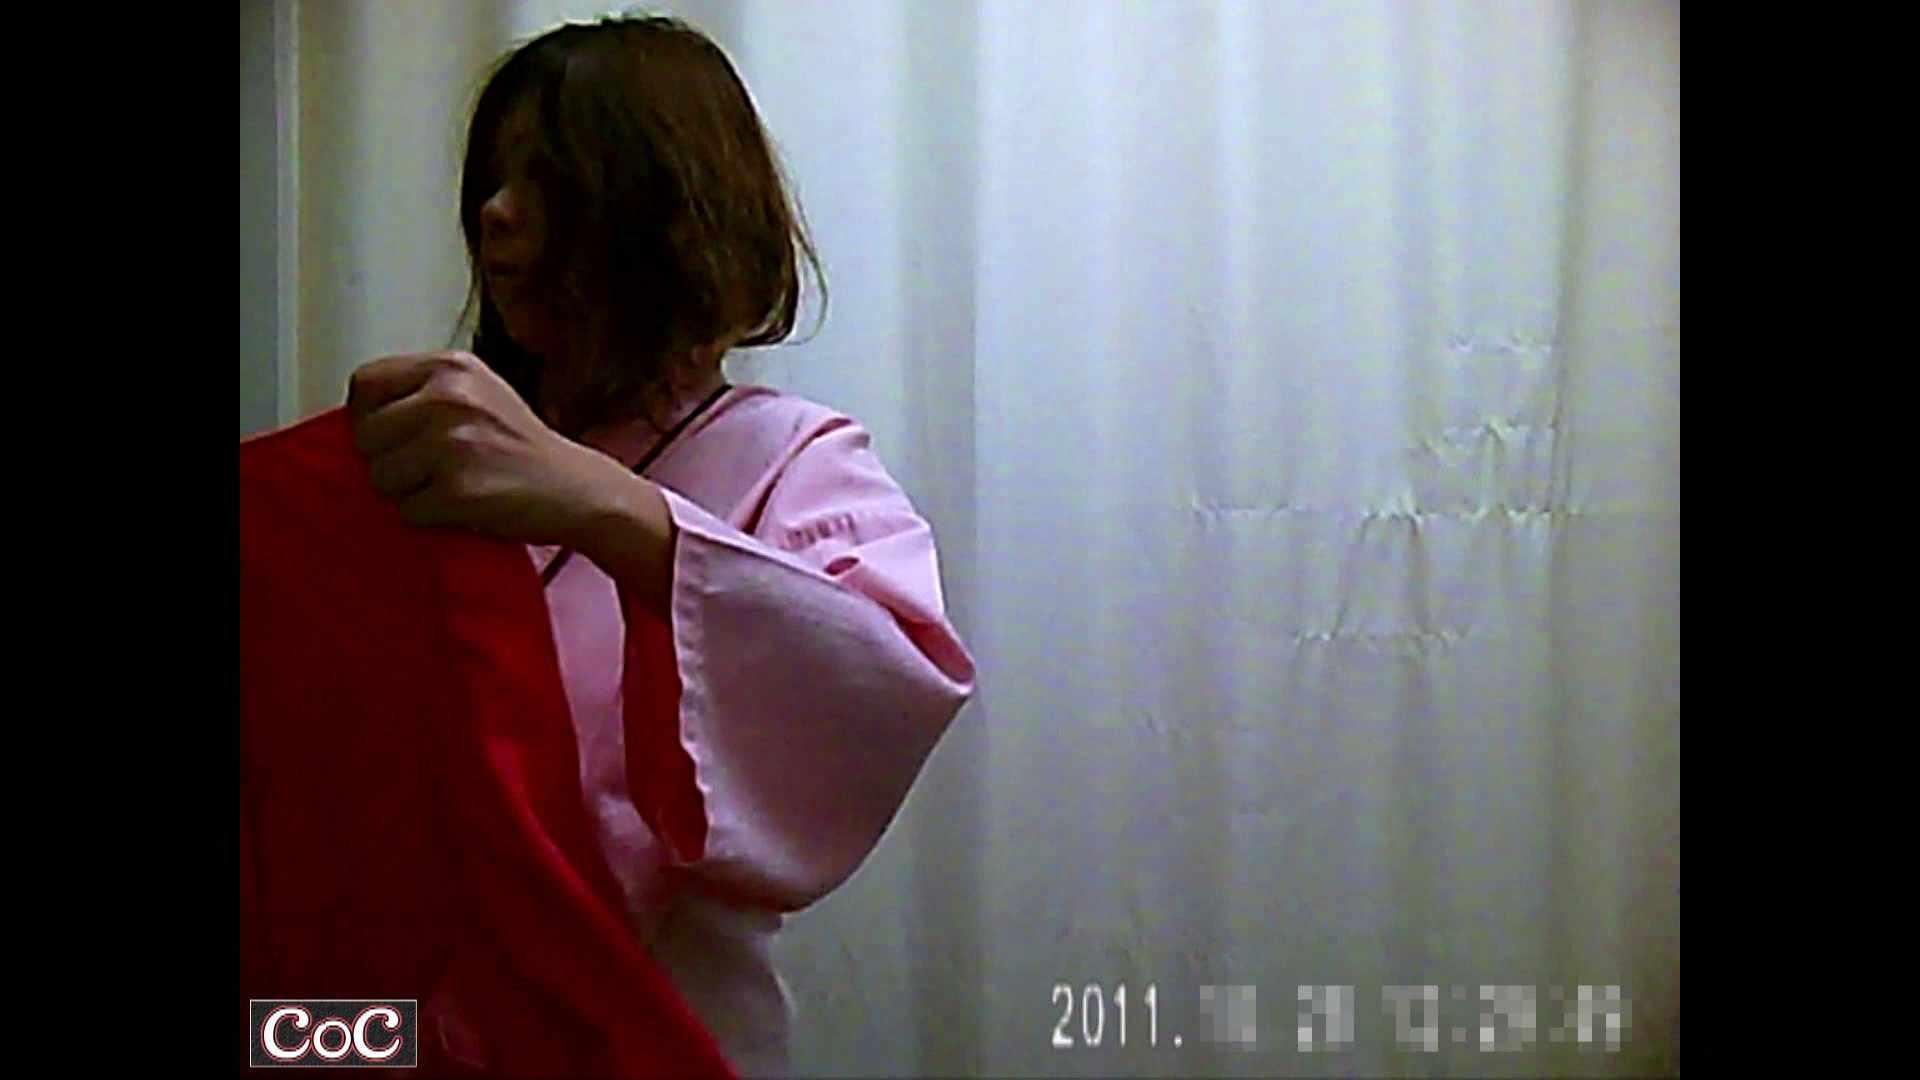 病院おもいっきり着替え! vol.75 巨乳 隠し撮りオマンコ動画紹介 95PIX 4